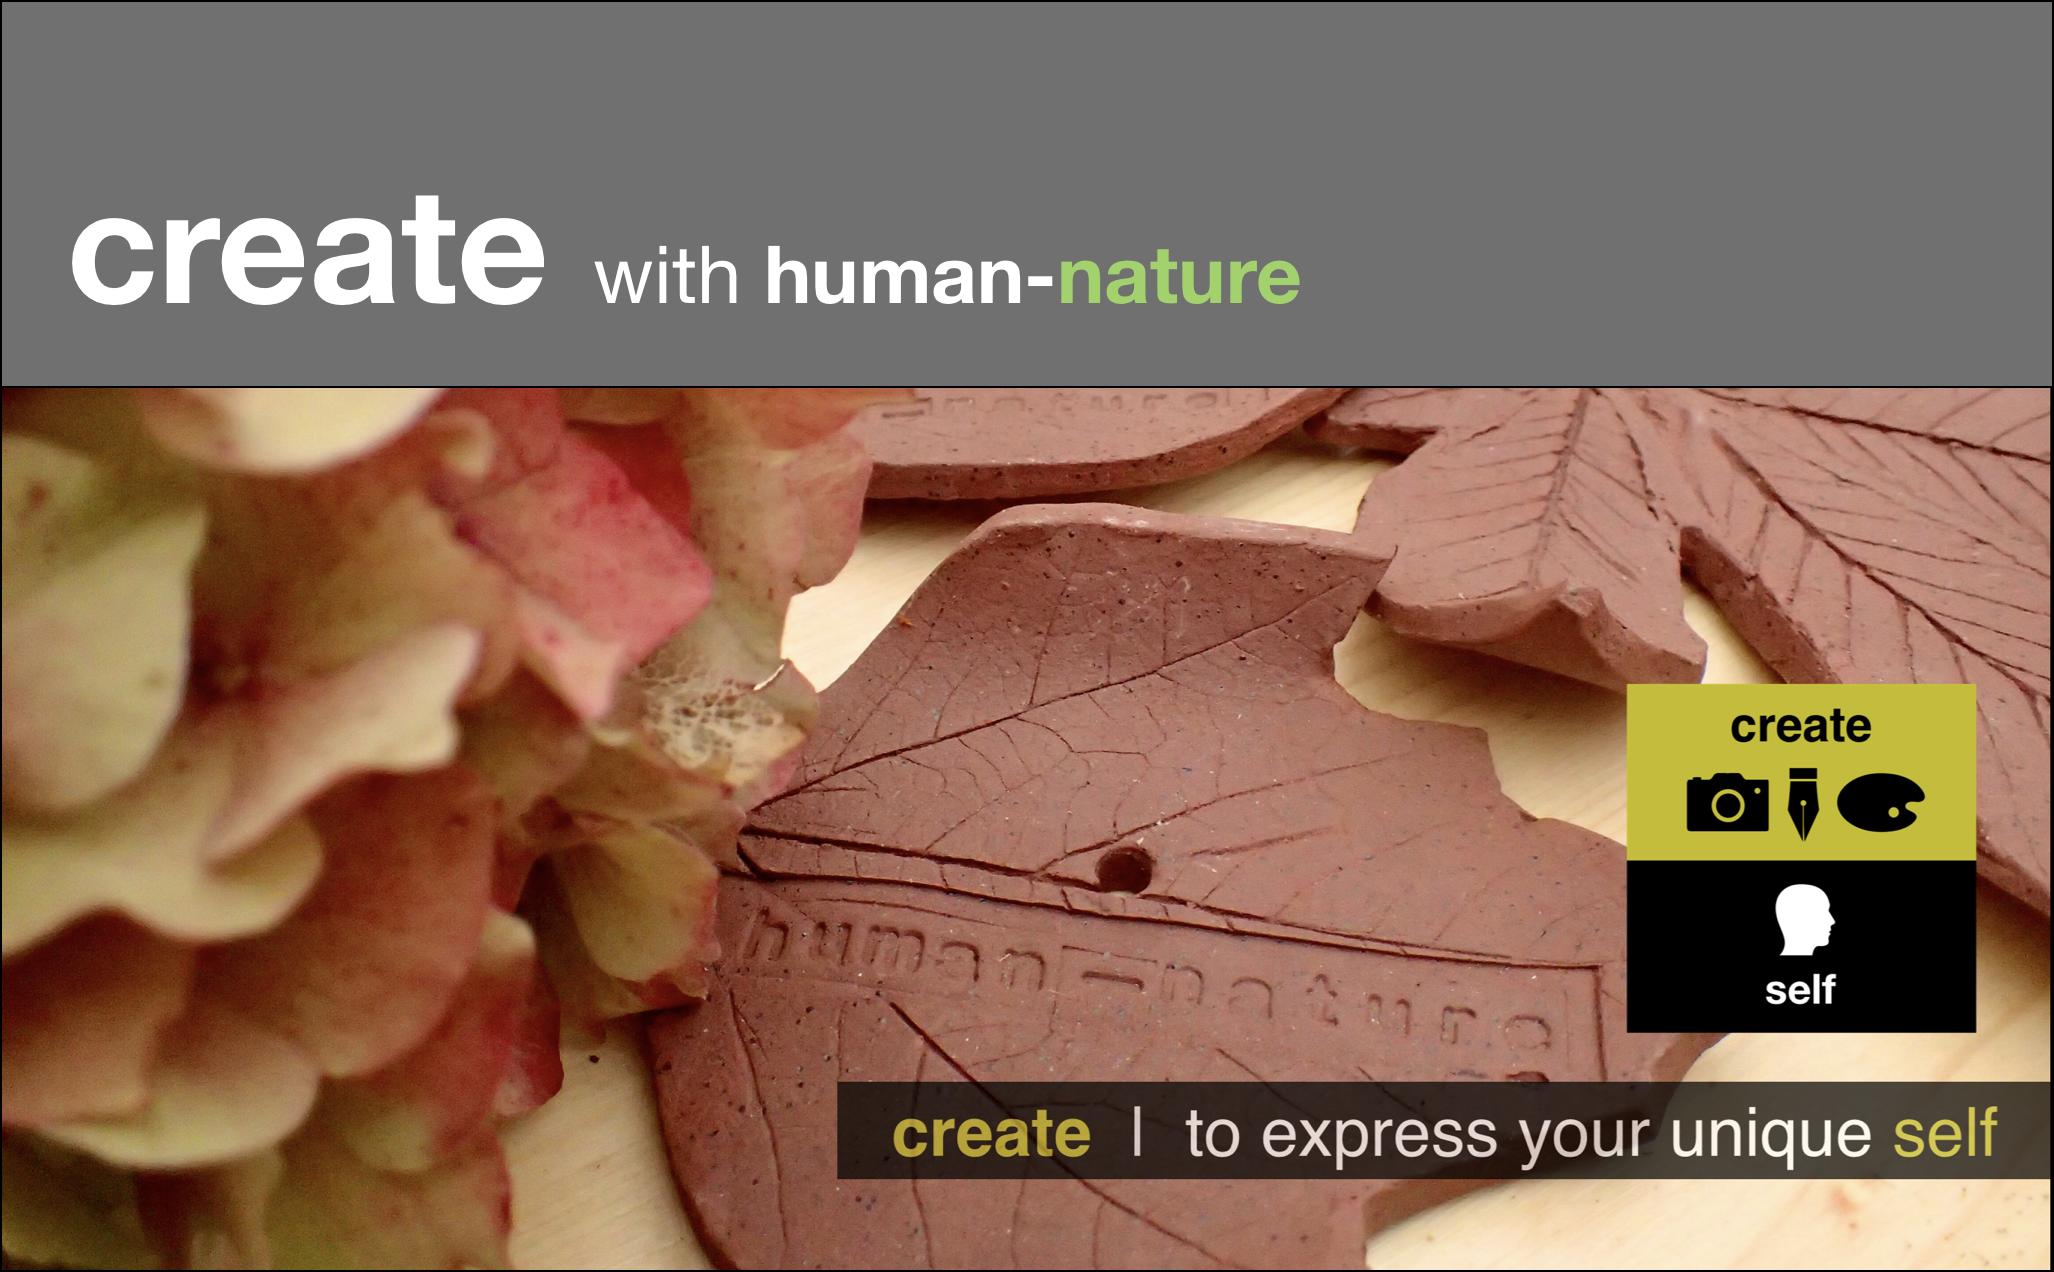 Human-Nature - Create